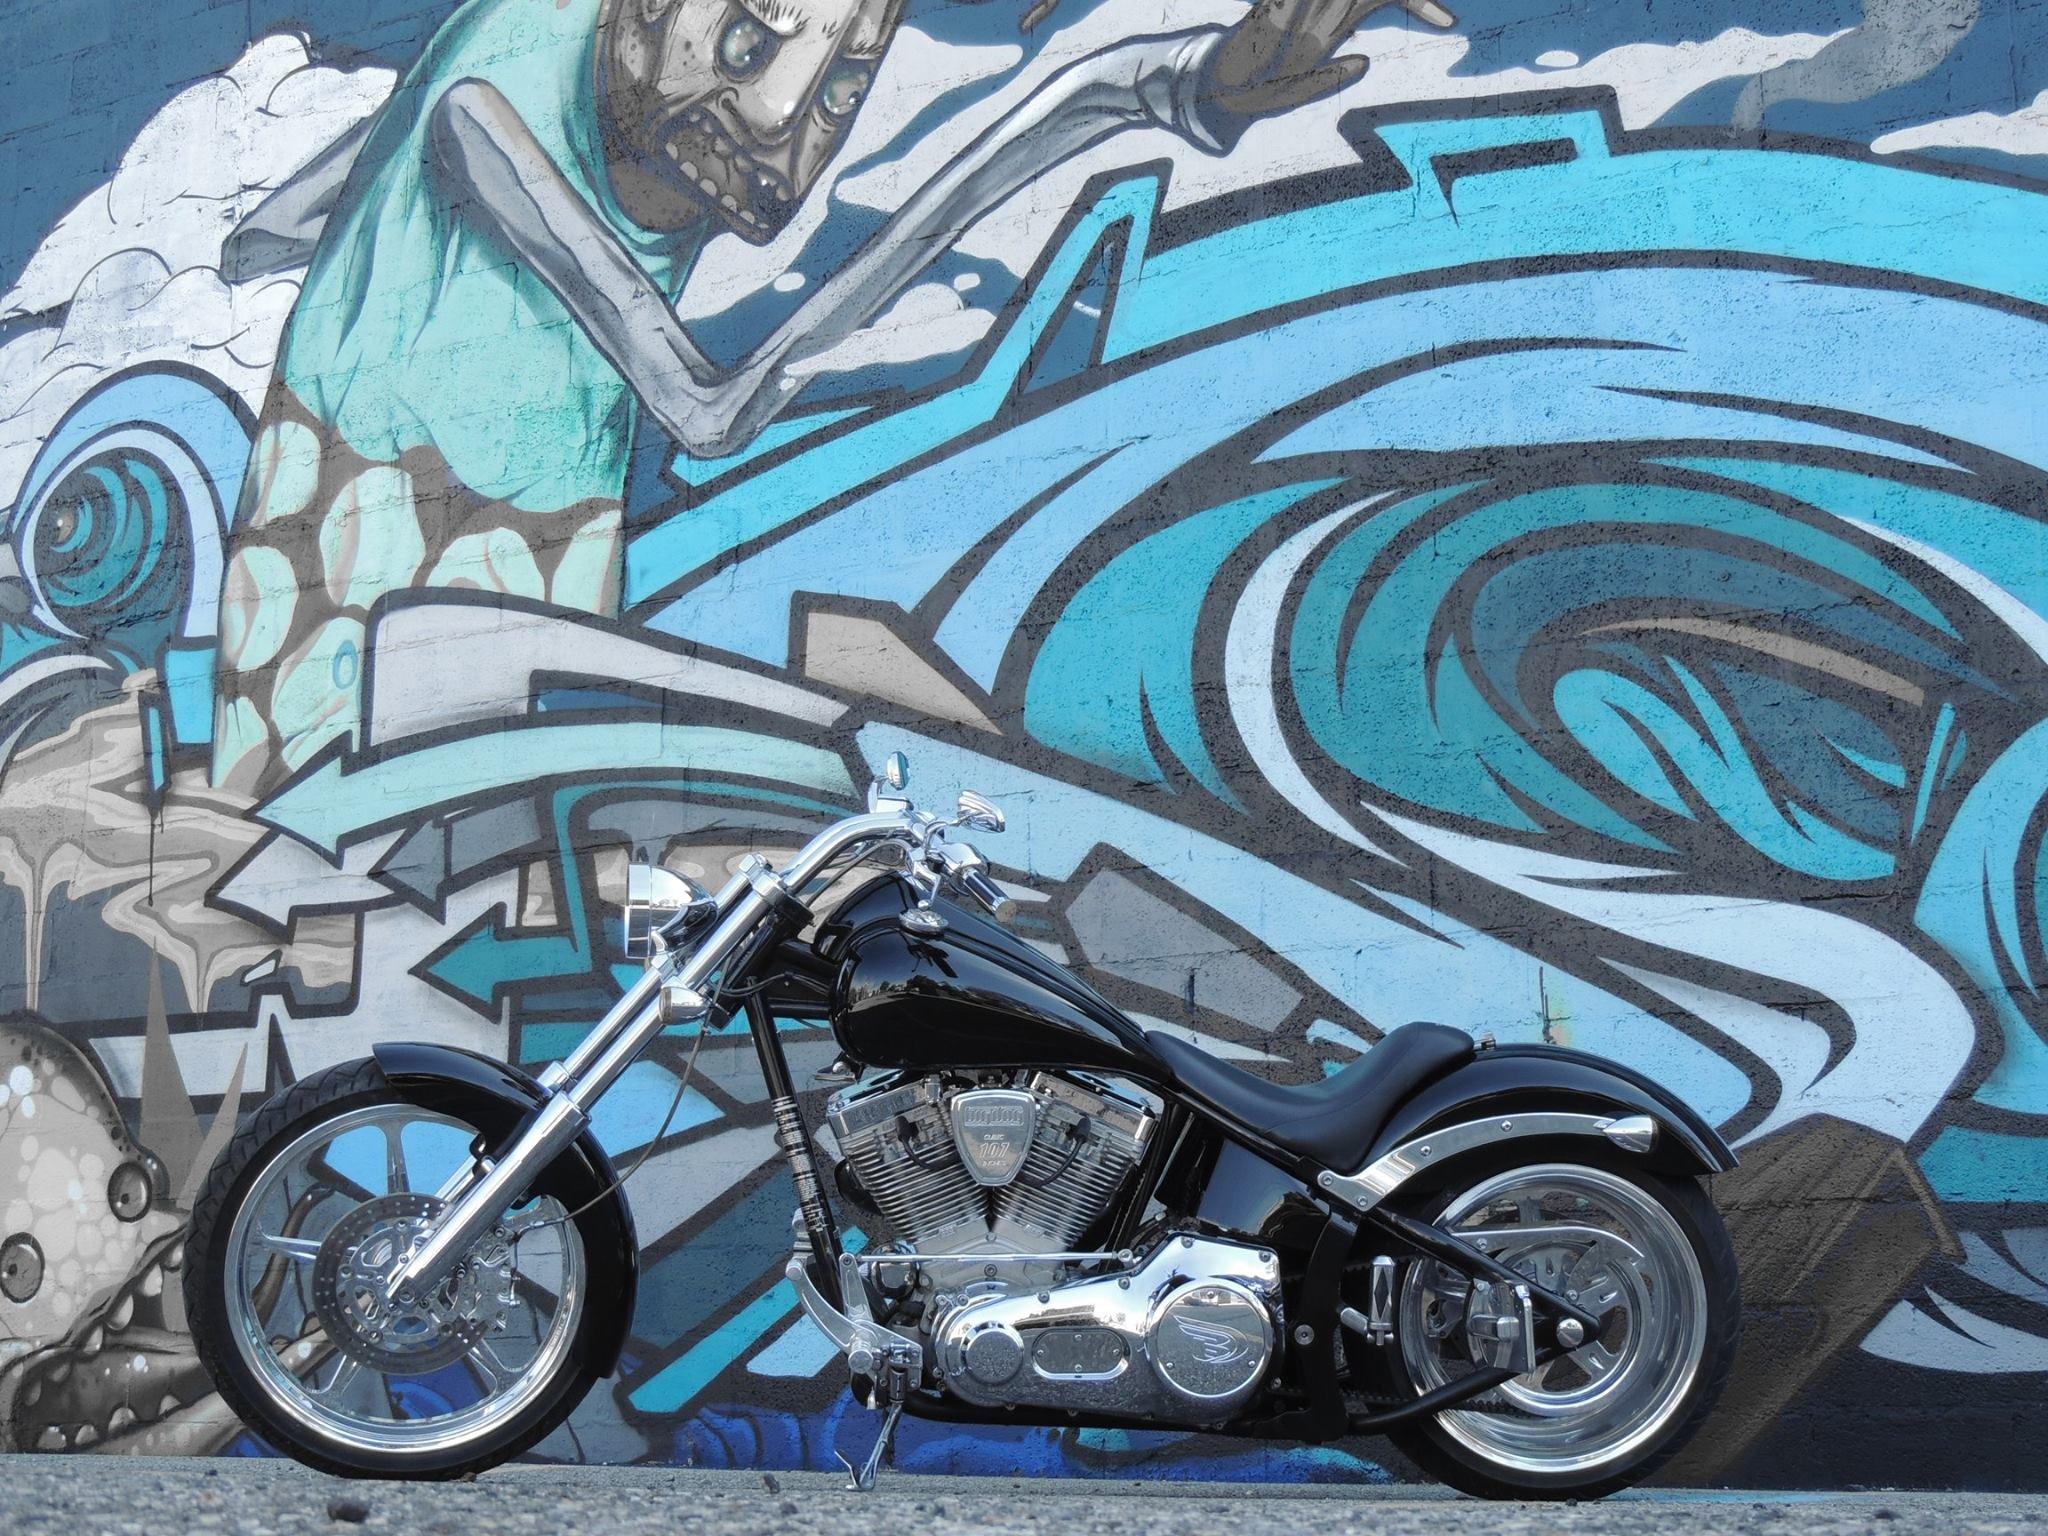 BIG DOG MOTORCYCLES 3 HOLE DERBY COVER W// LOGO 2004-OLDER MODELS POLISHED